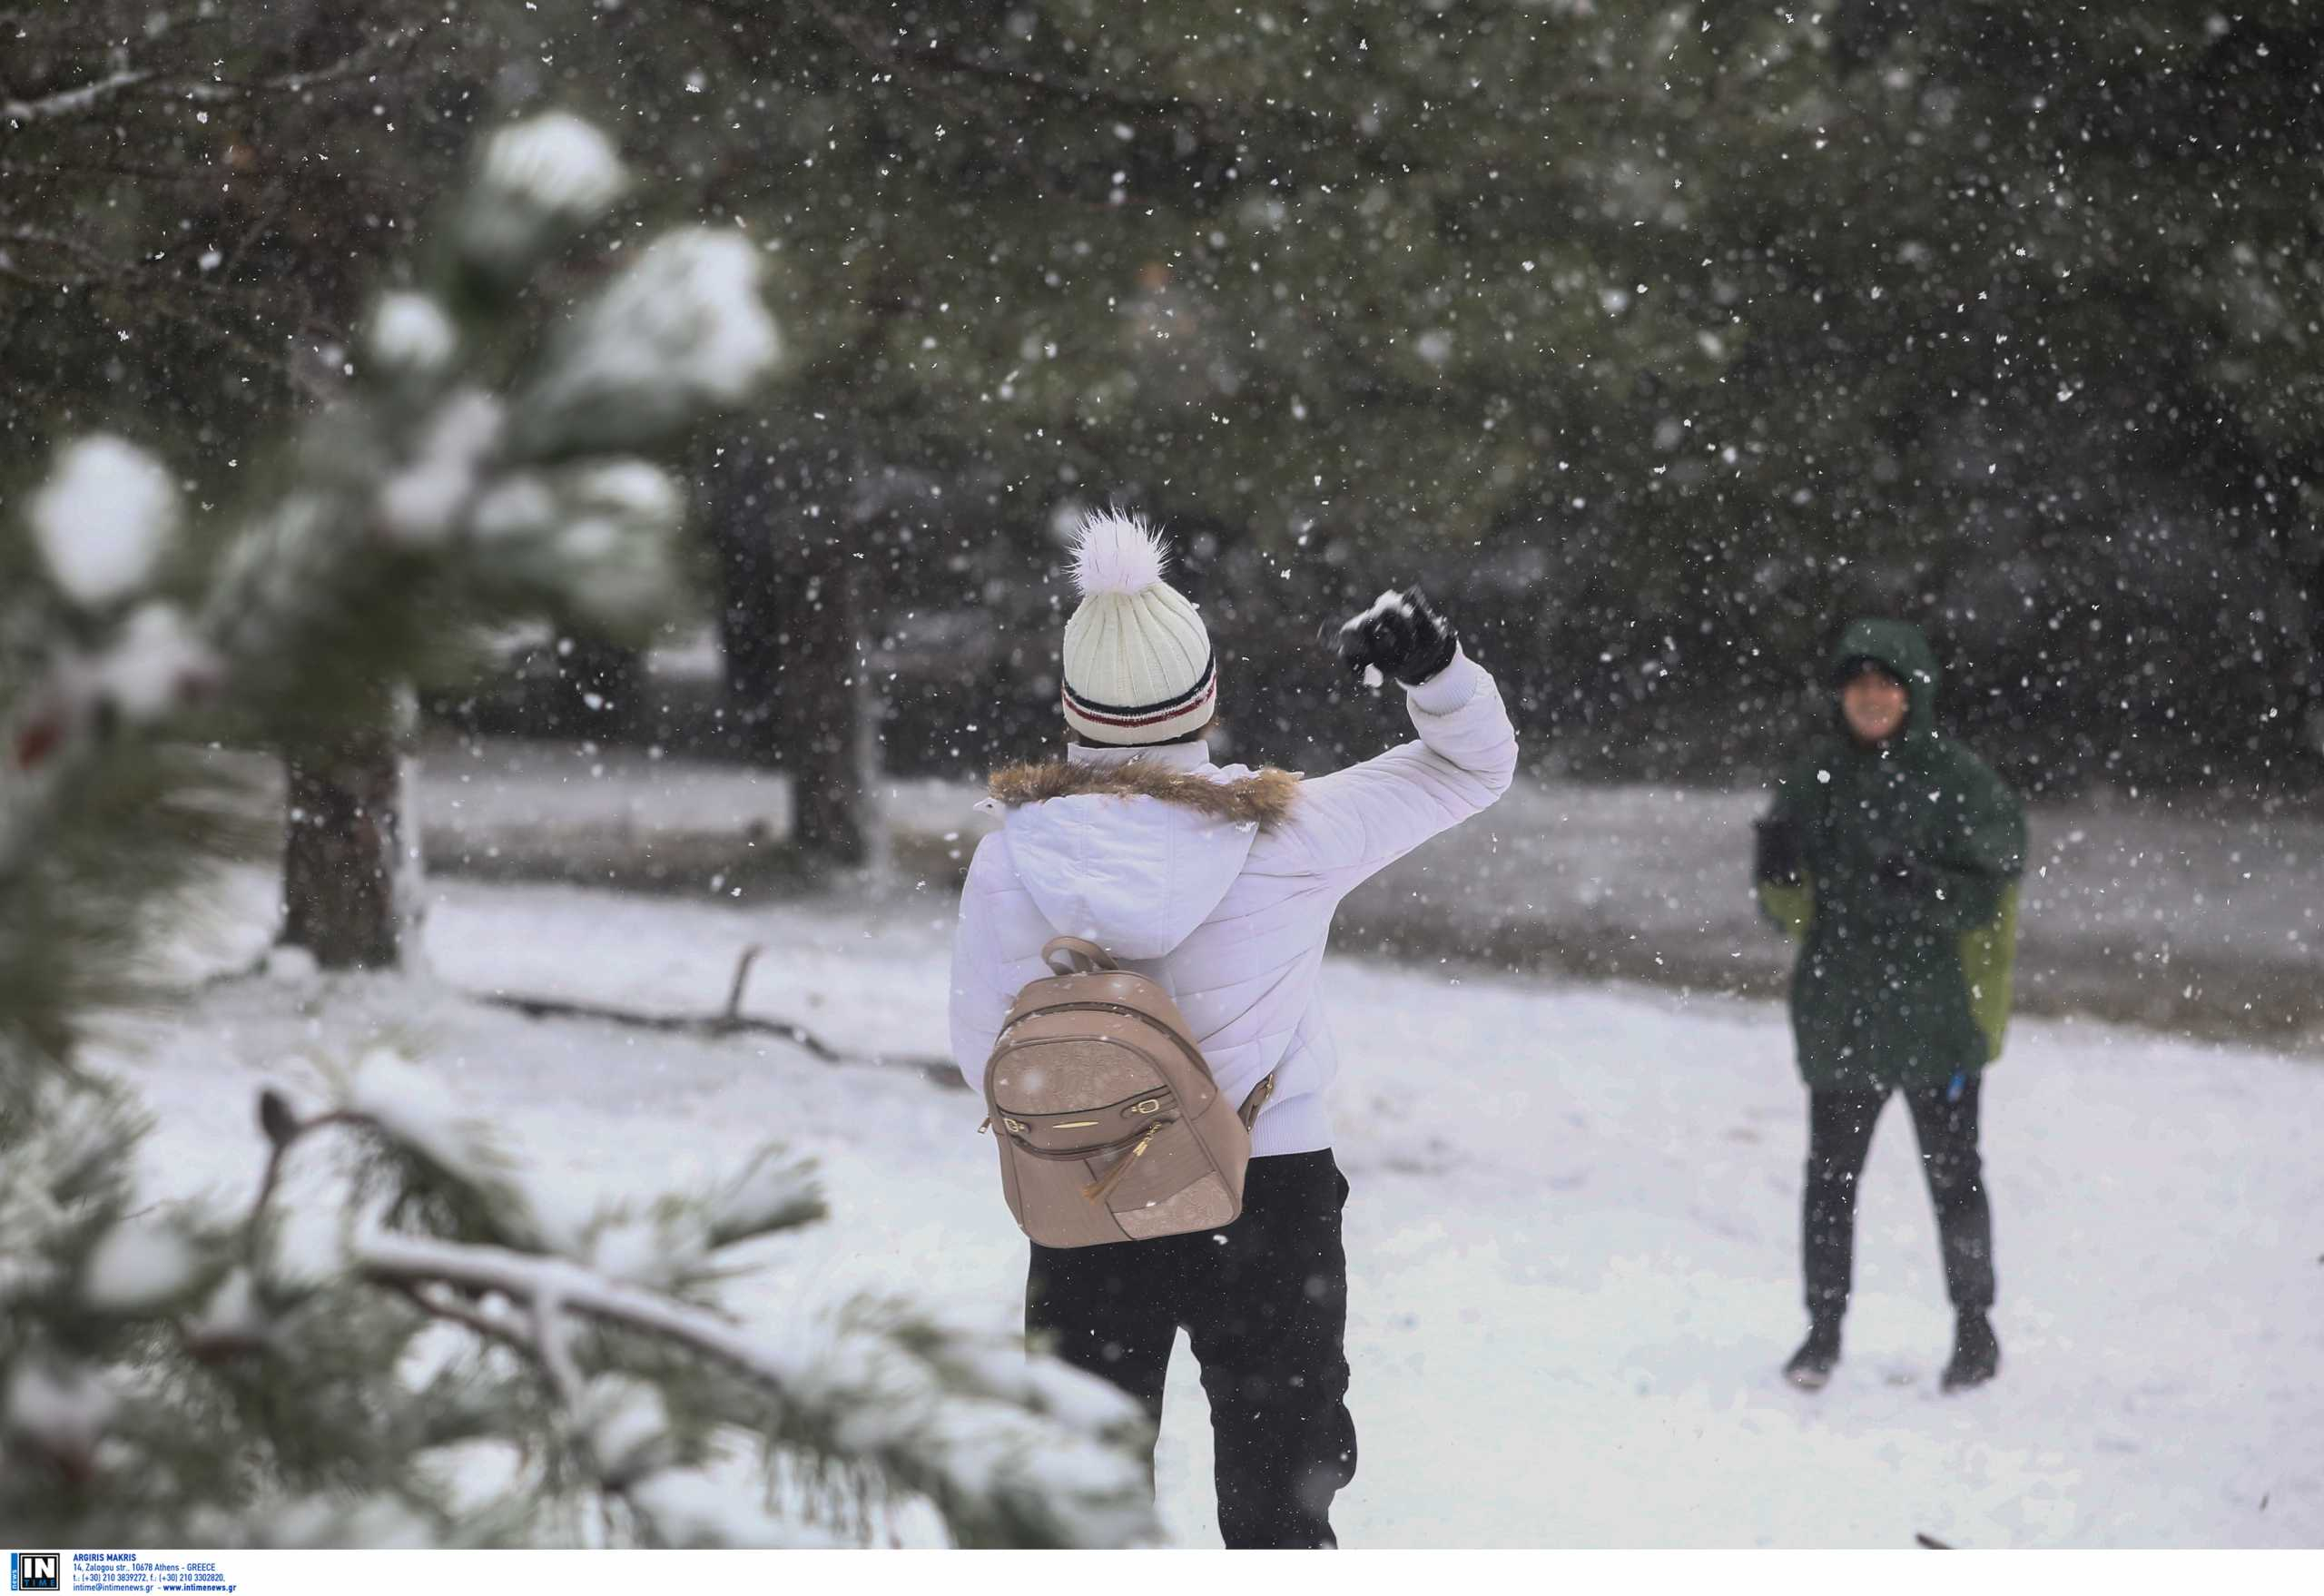 Καιρός: Αλλοπρόσαλλη κακοκαιρία - Κρύο ως την Τετάρτη, που θα χιονίσει